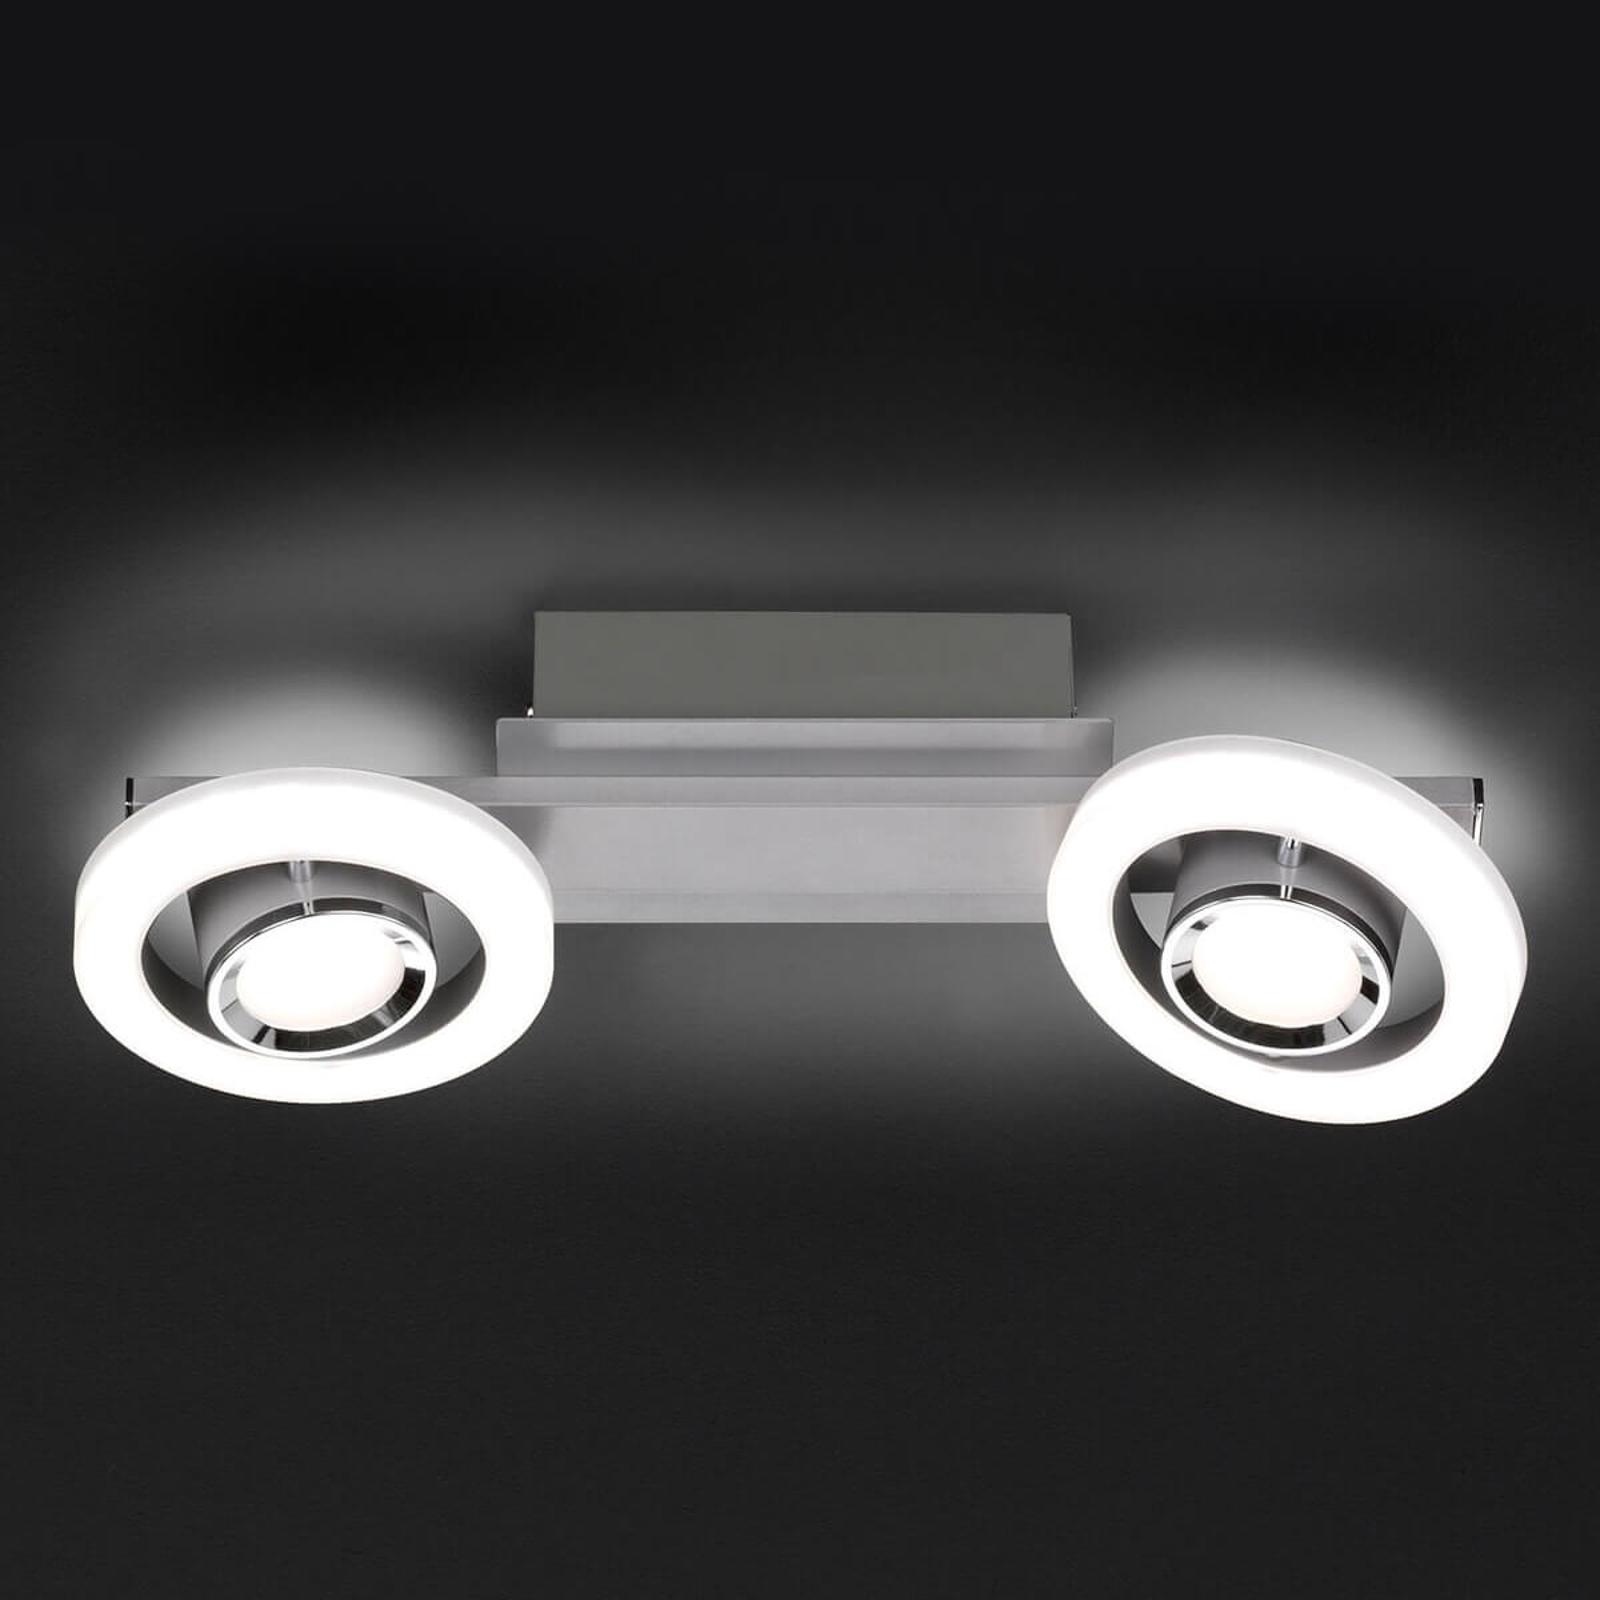 LED-taklampe Detroit med dimmer